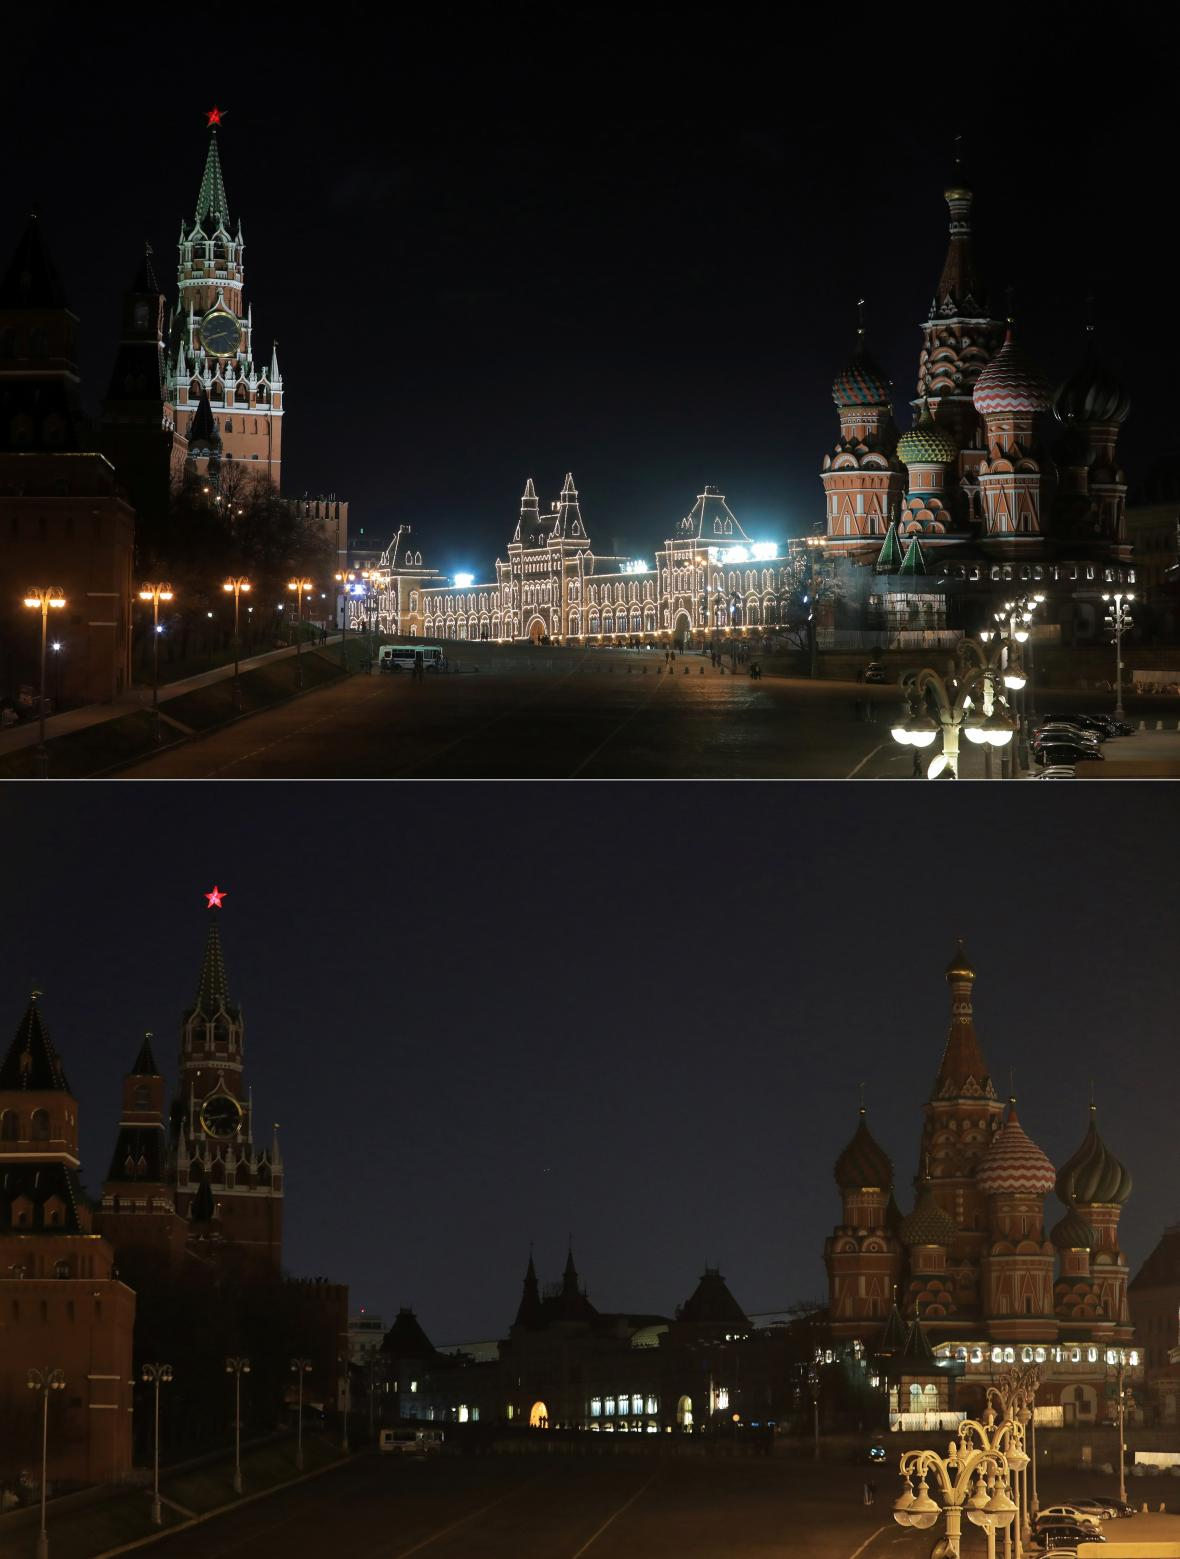 Moskva poslední dobou lehce potemněla